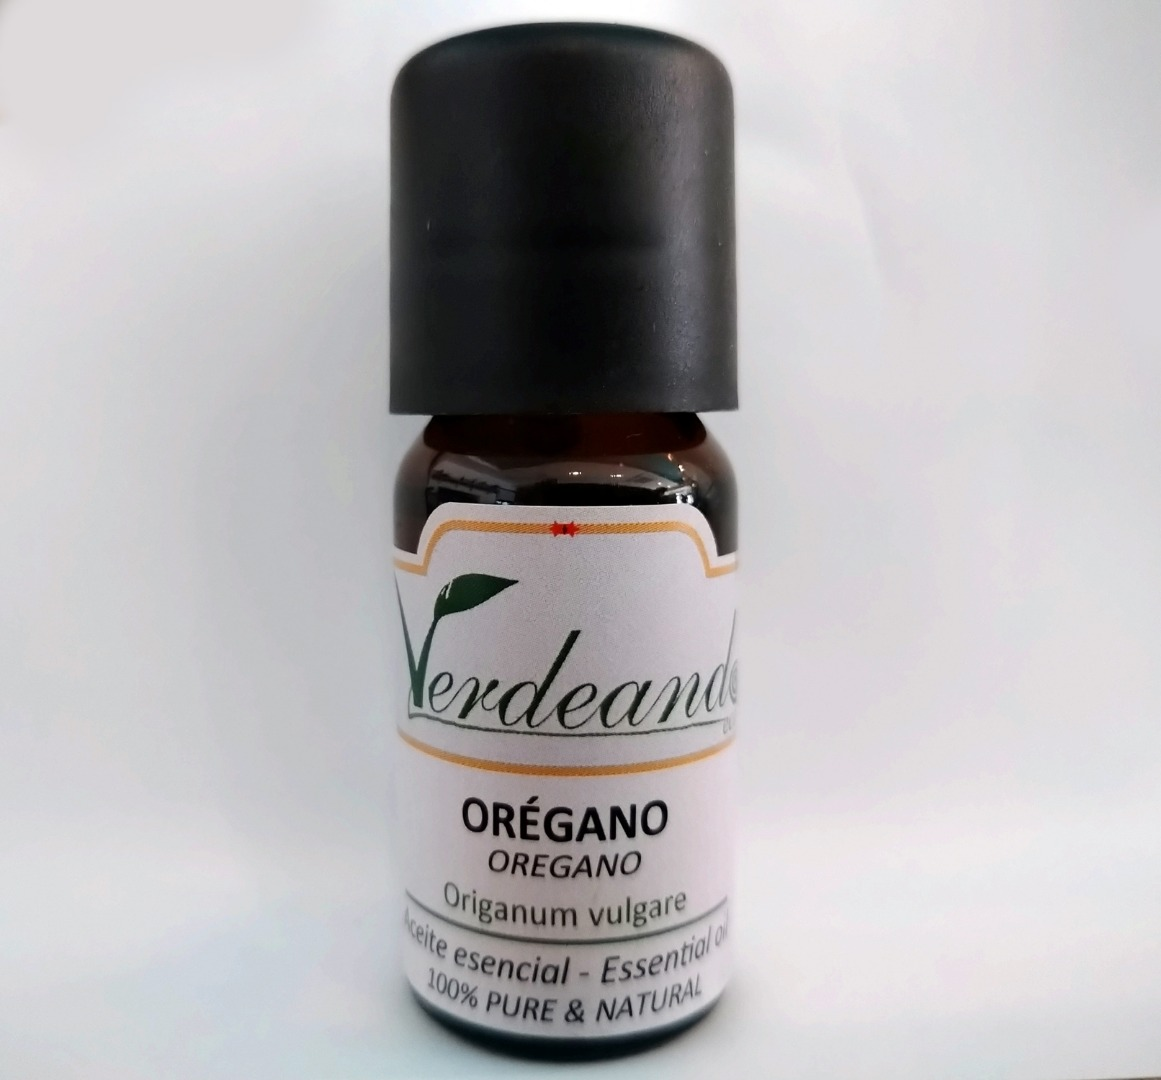 Orégano